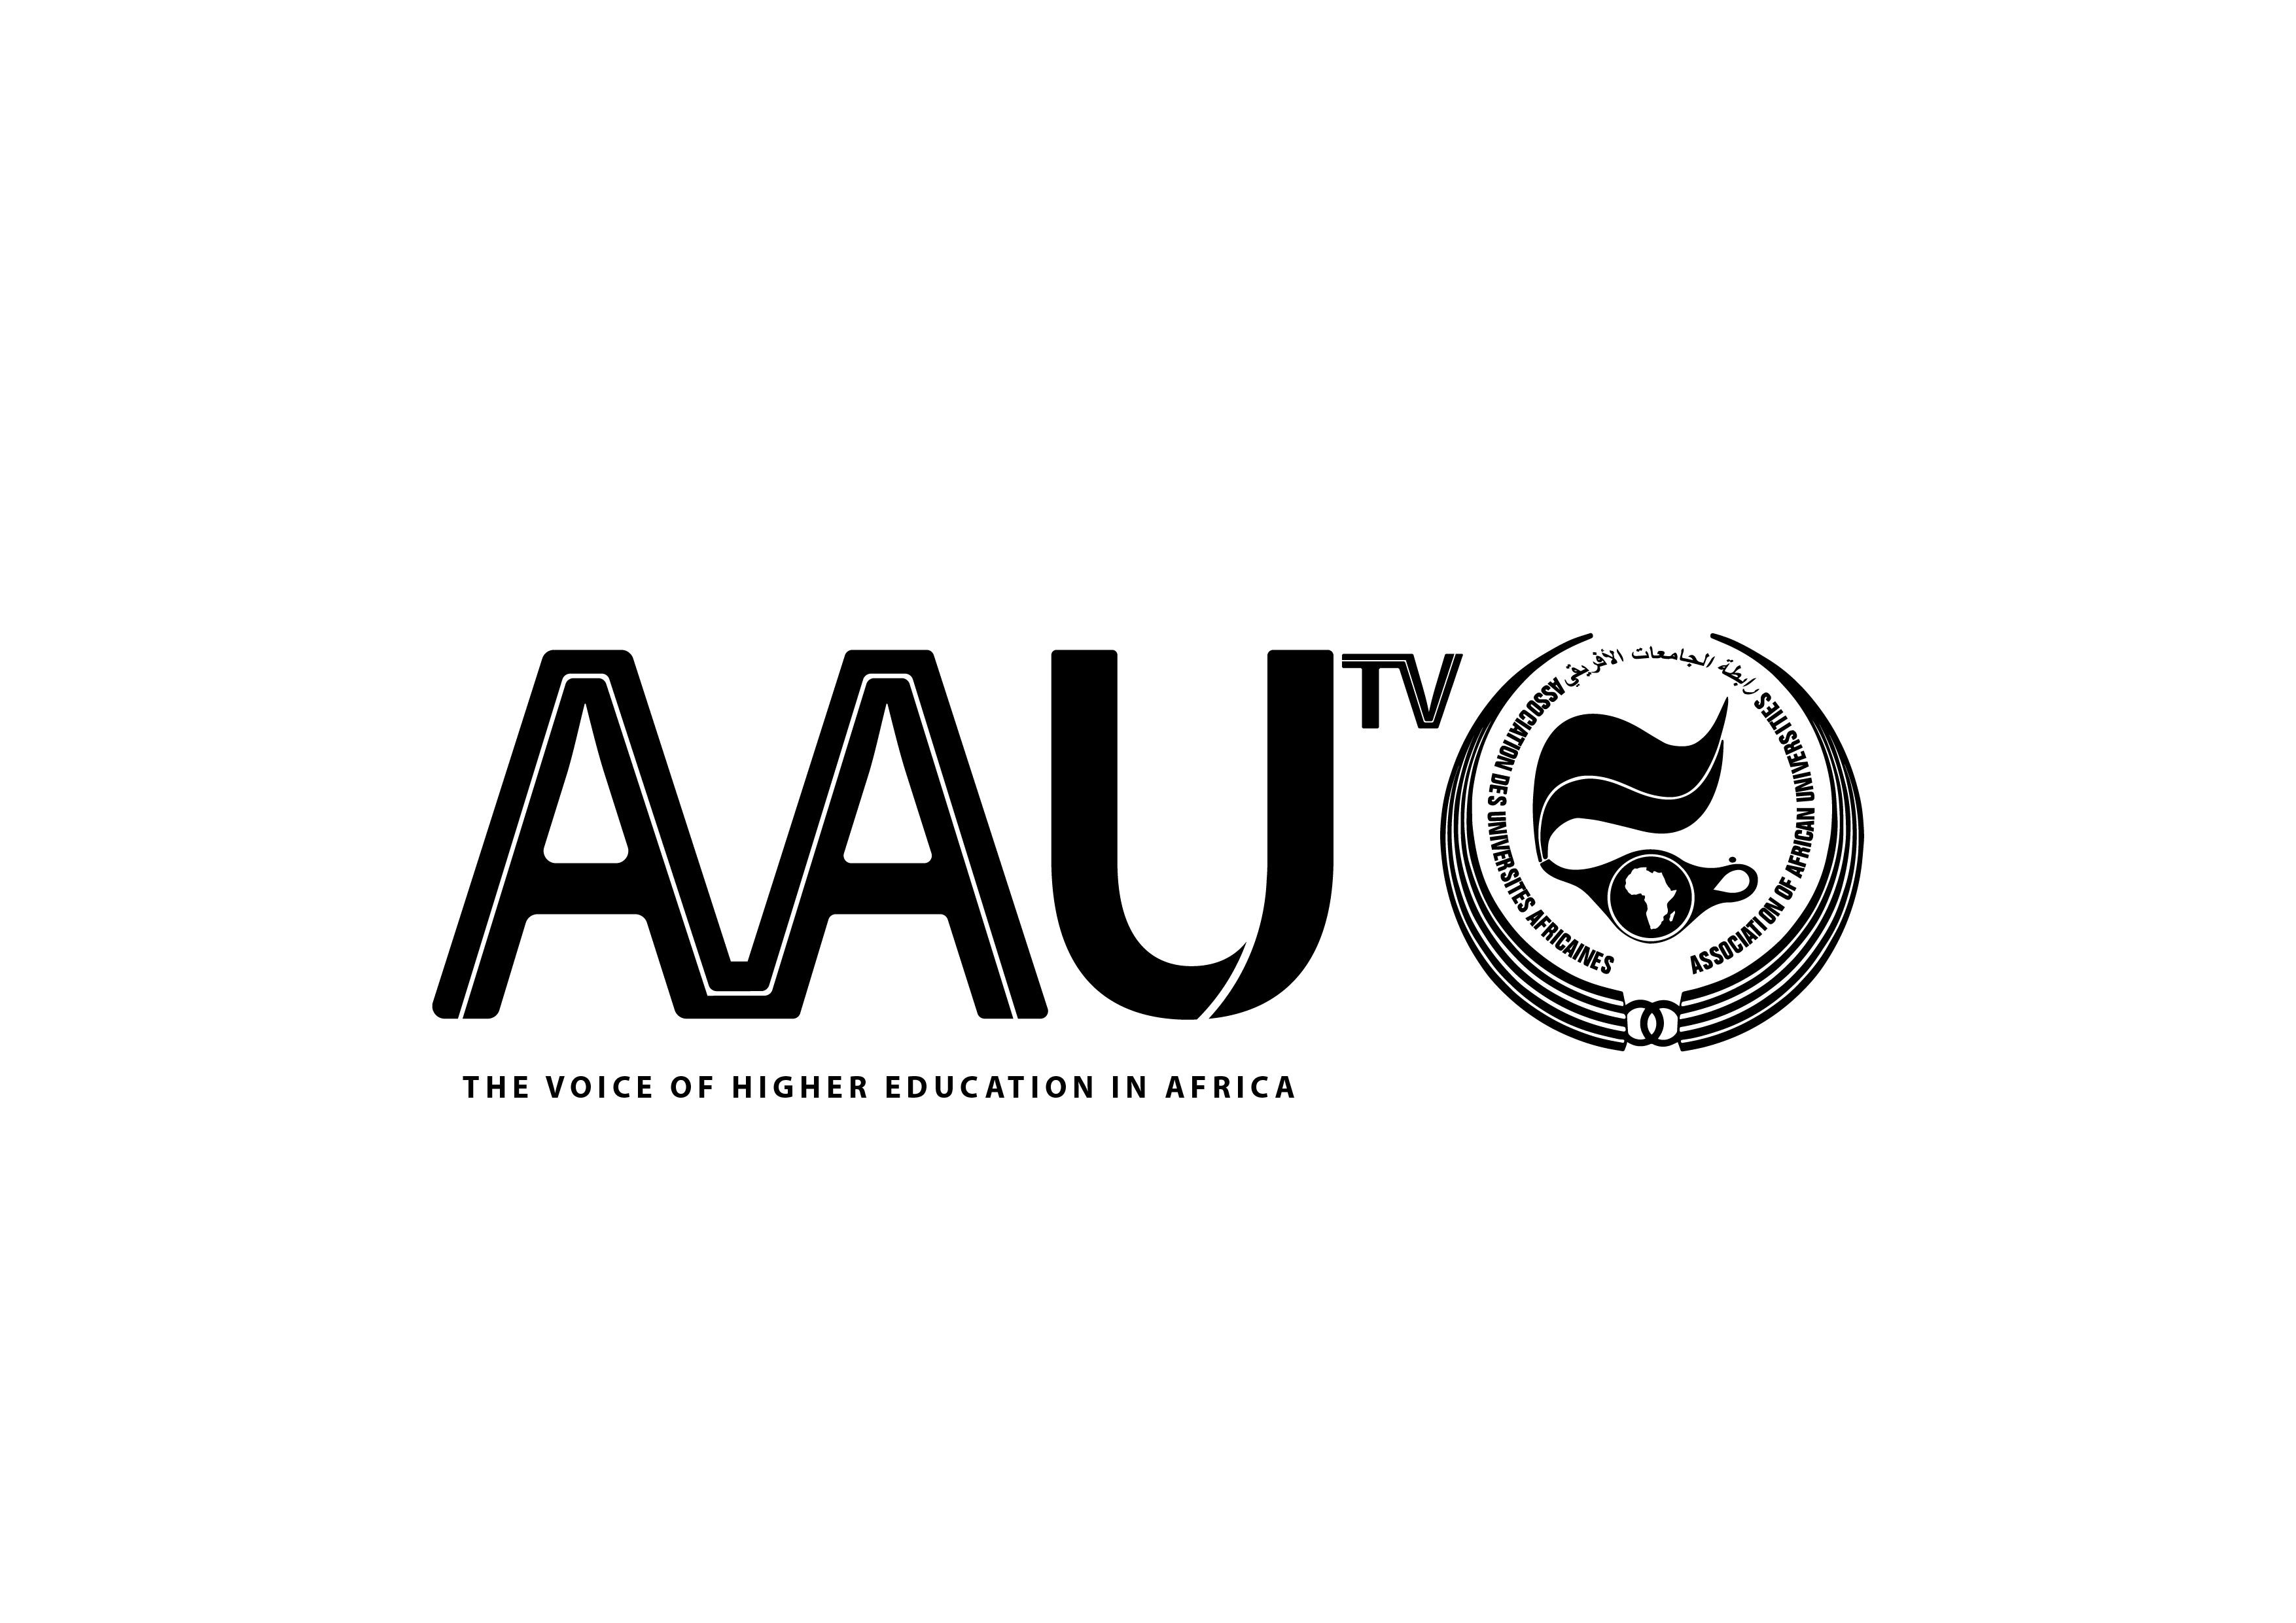 AAU TV